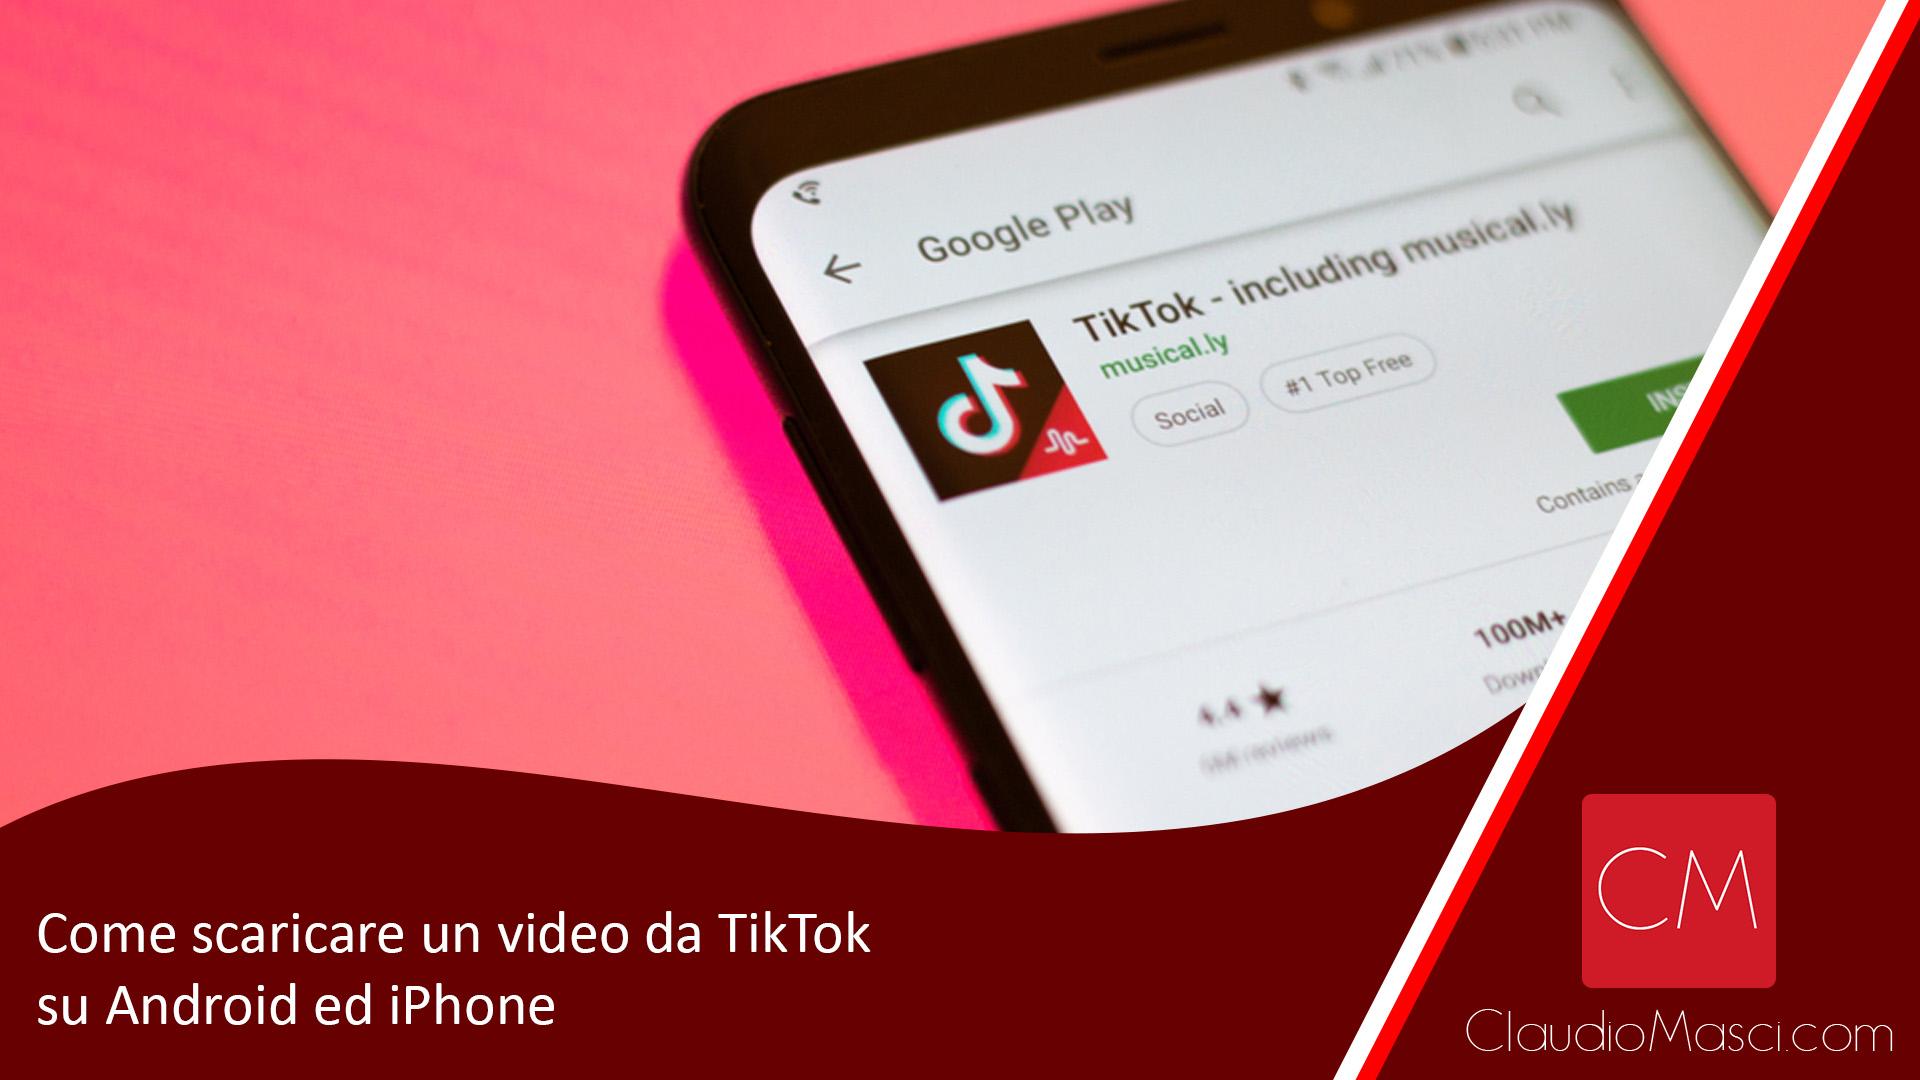 Come scaricare un video da TikTok su Android ed iPhone